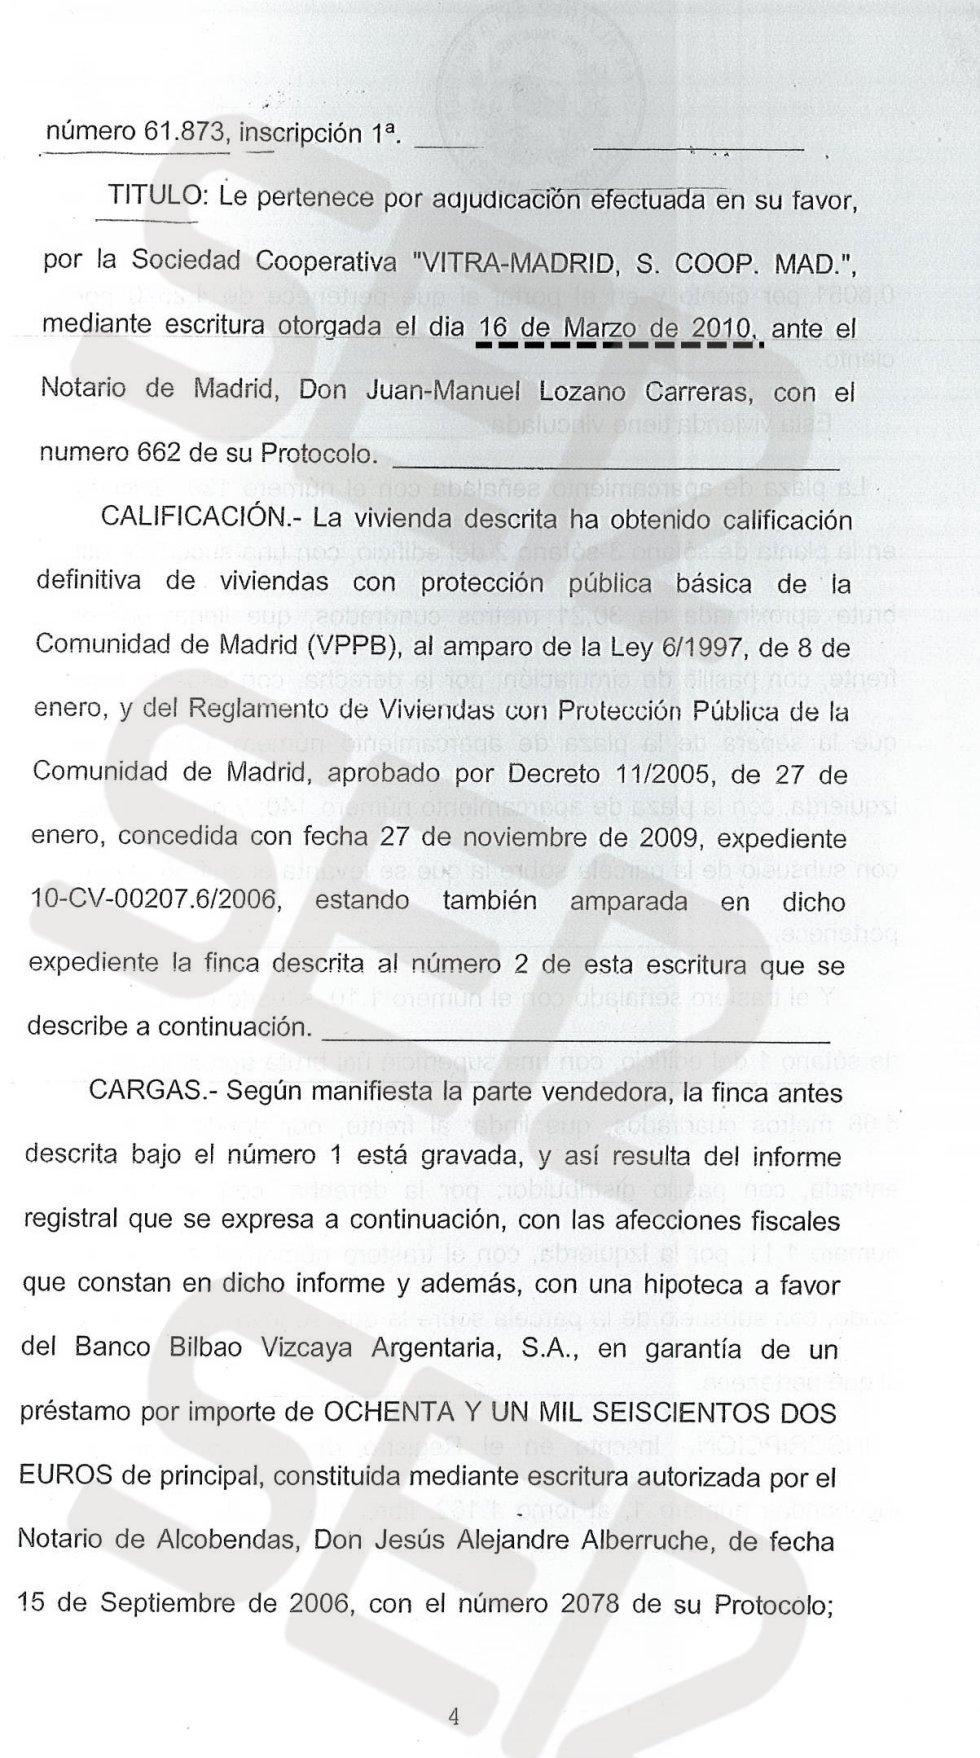 Ramón Espinar compró la vivienda el 16 de marzo de 2010 y nunca llegó a vivir en ella. Semanas después de haberla comprado solicitó a la Comunidad de Madrid una autorización (preceptiva en el caso de la VPP) para vender la casa a un tercero.